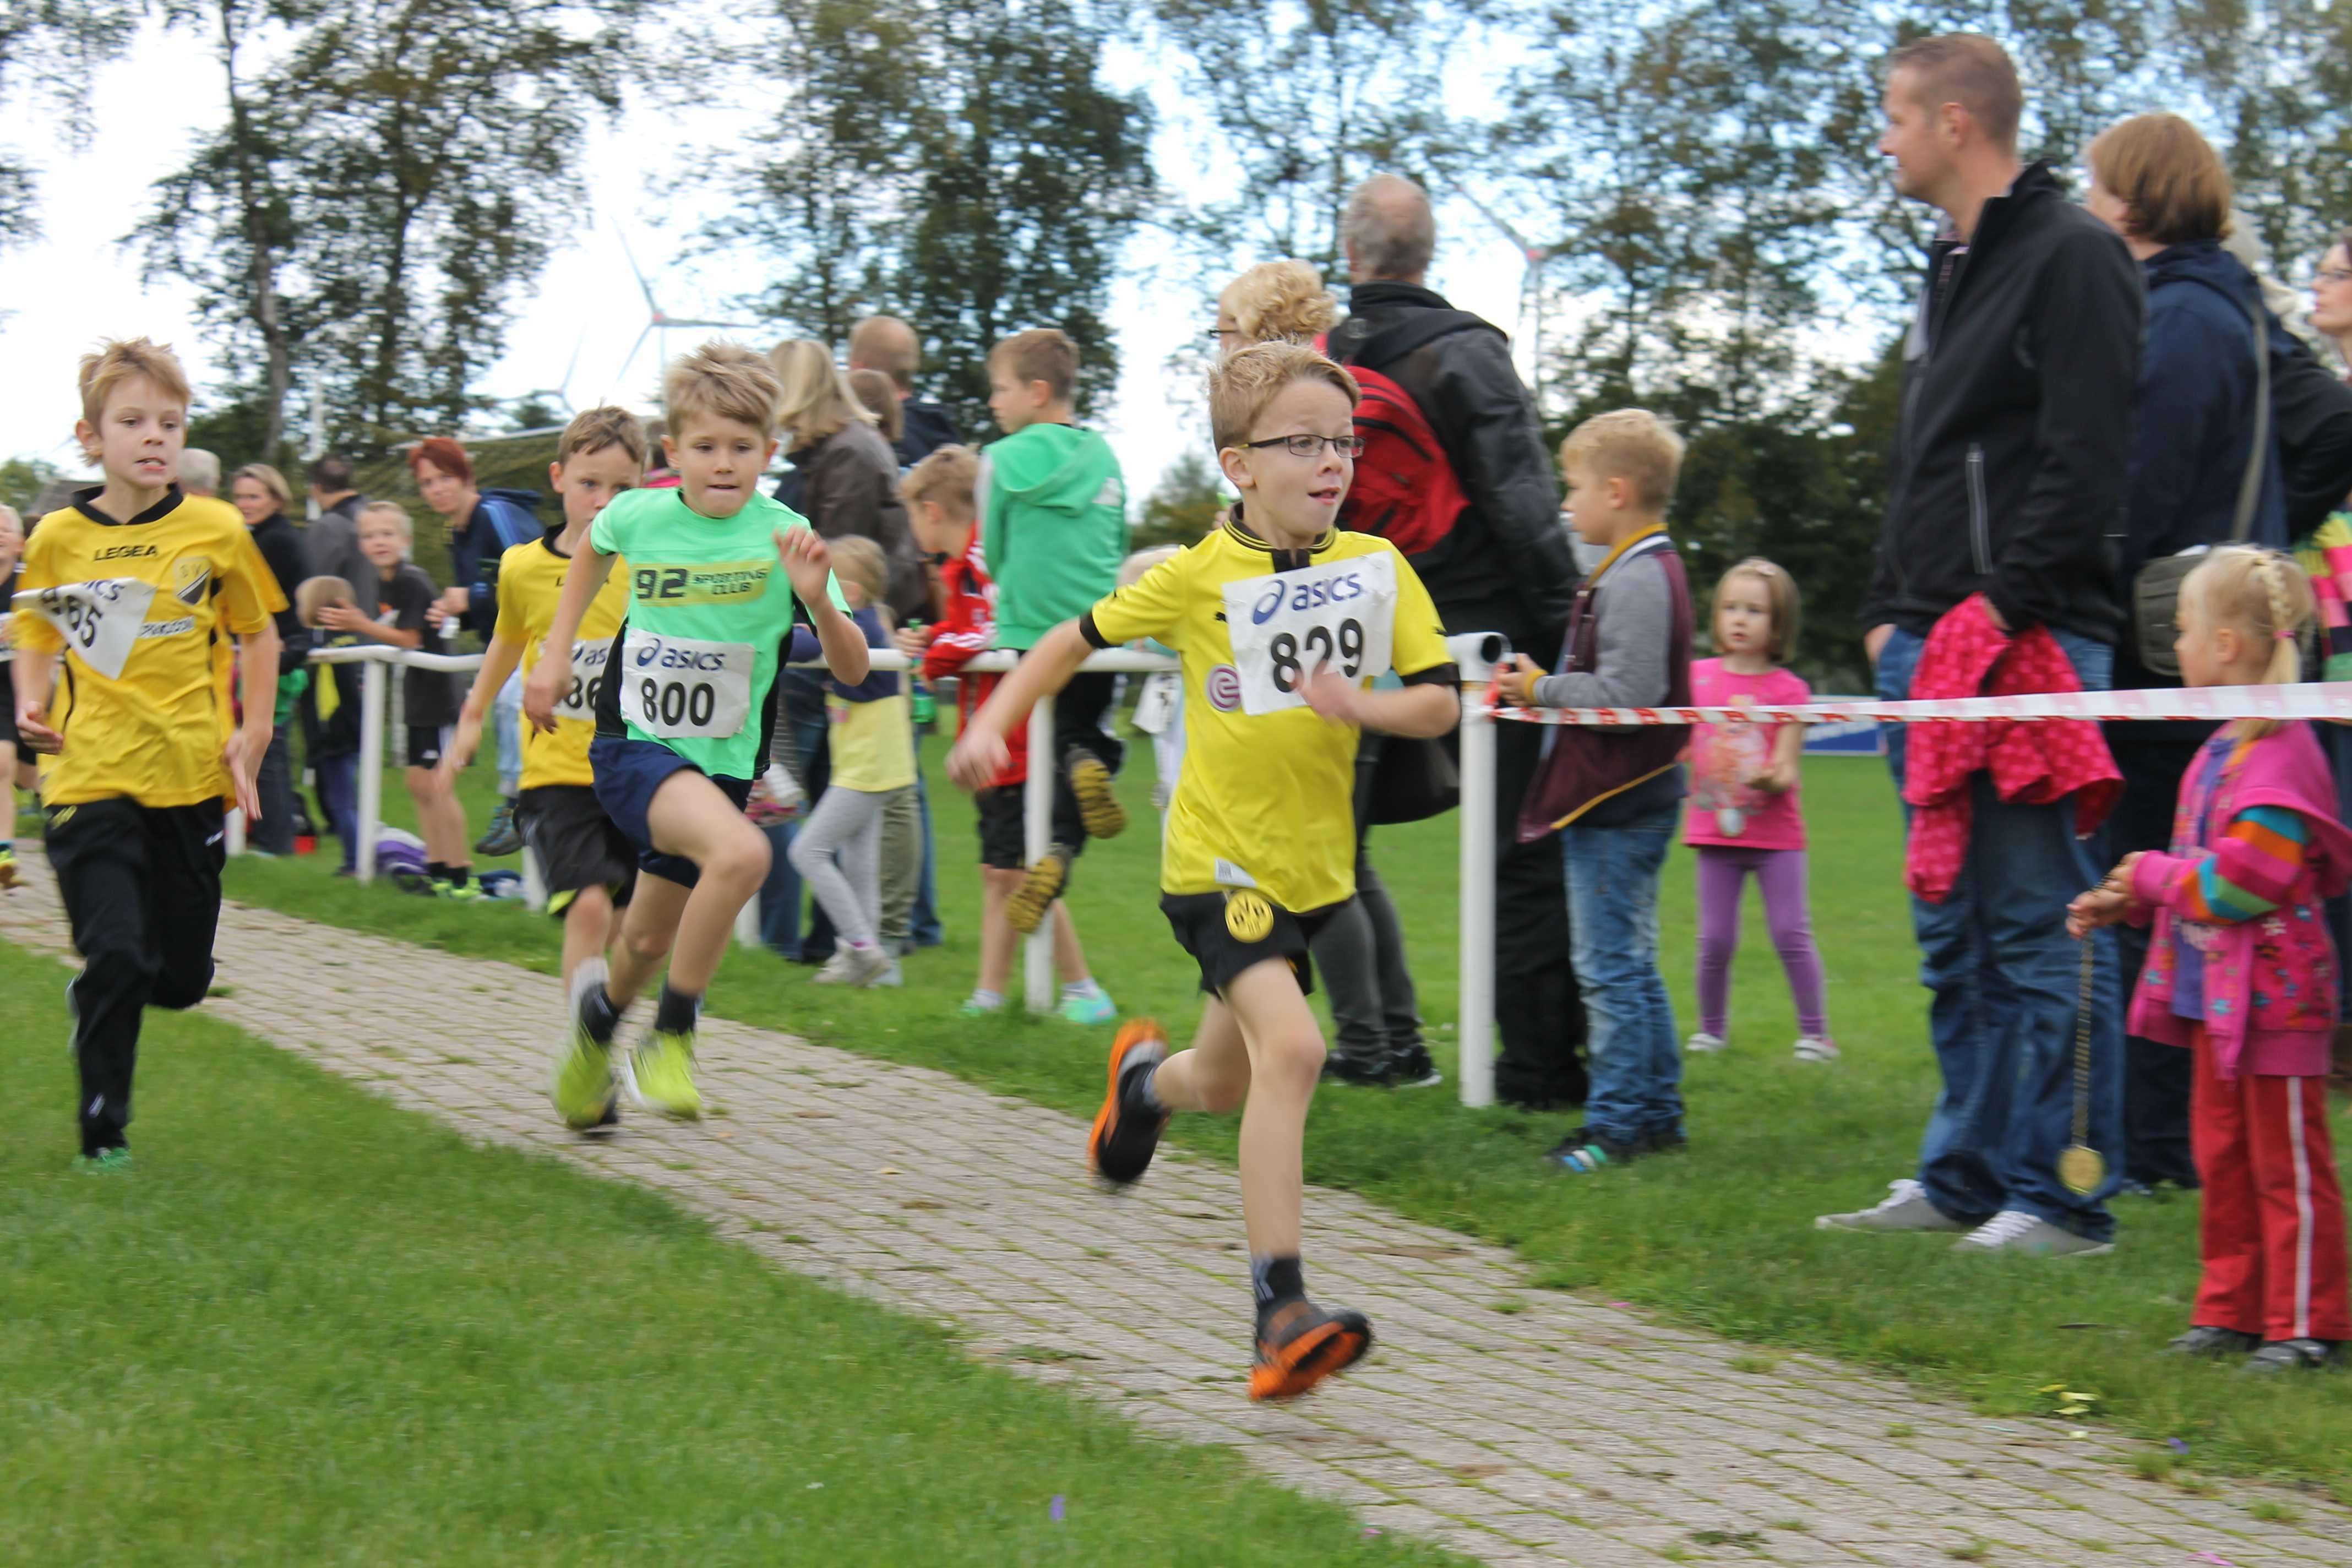 2015-09-26 Vezi Lauf (244)